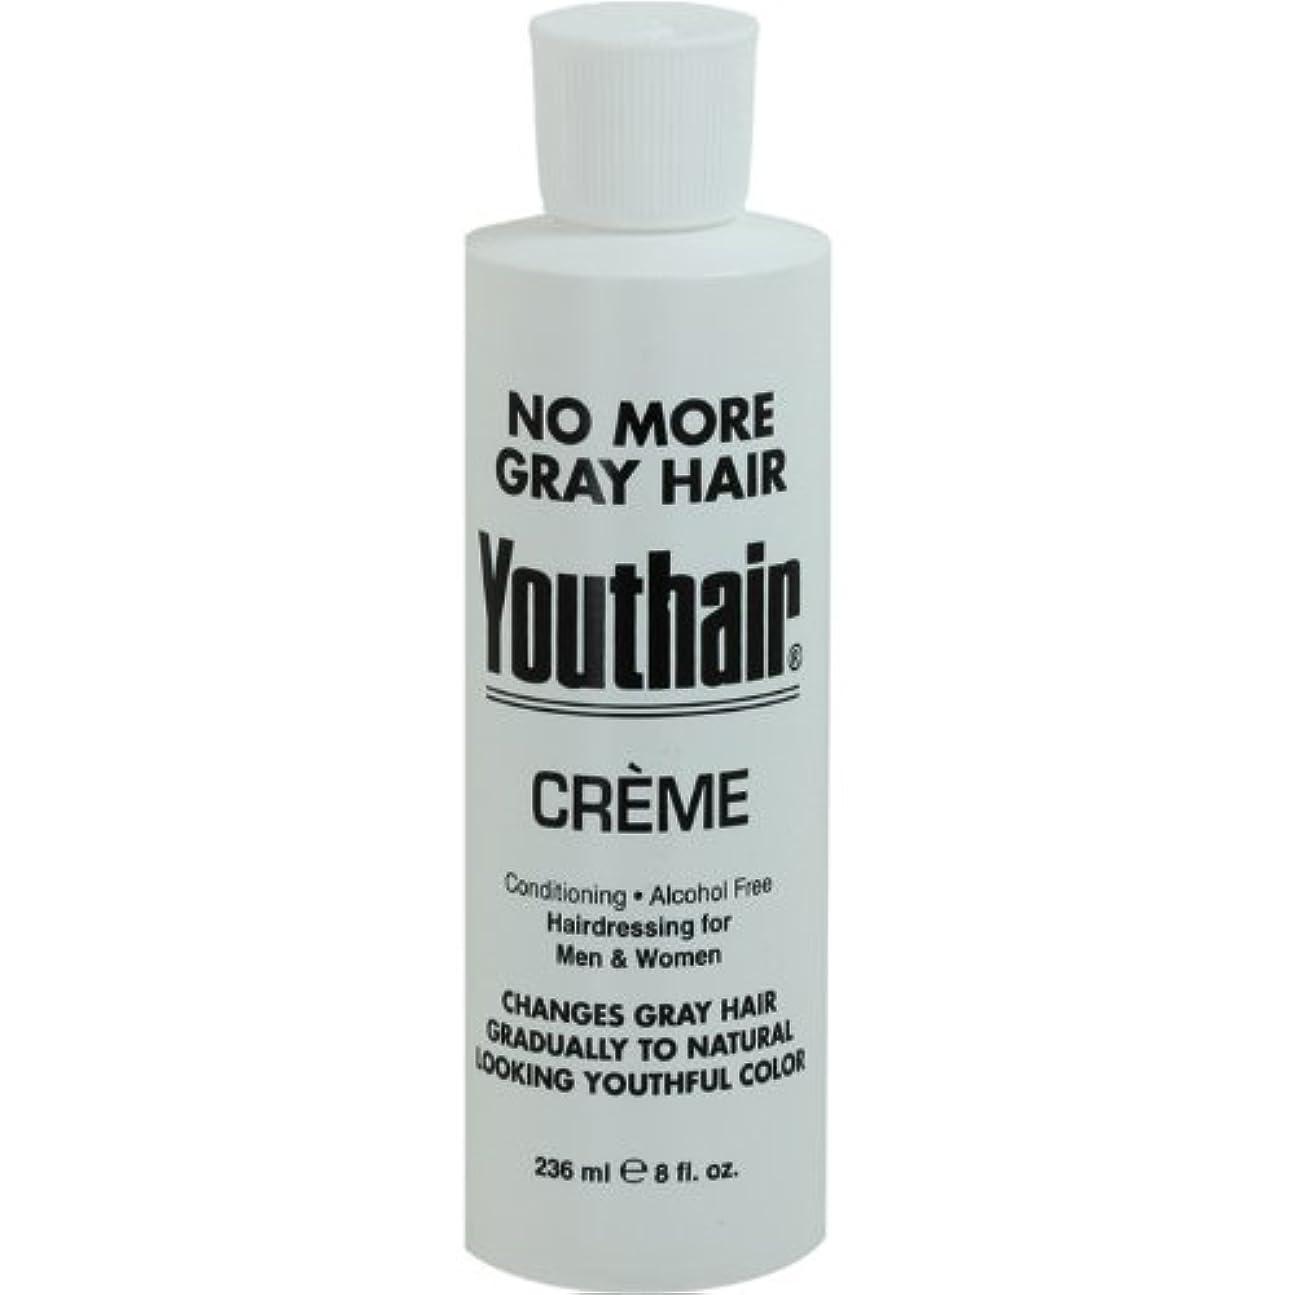 穿孔するスクラップ下るYouthair Creme, Round Bottle, 8 Ounce by Youthair